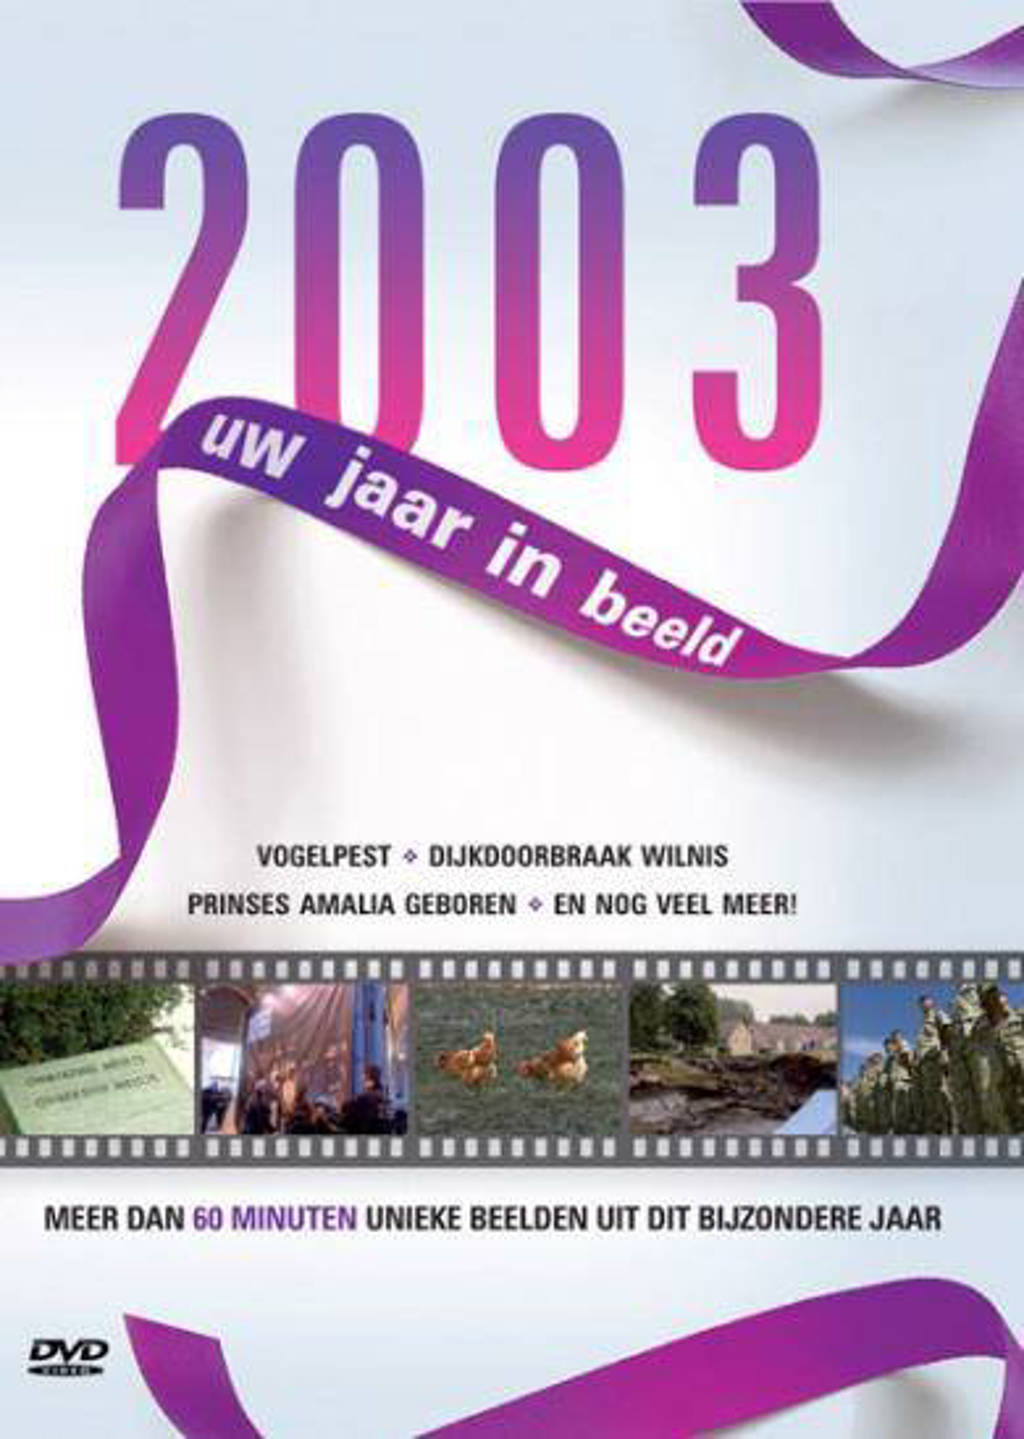 2003 Uw jaar in beeld (DVD)